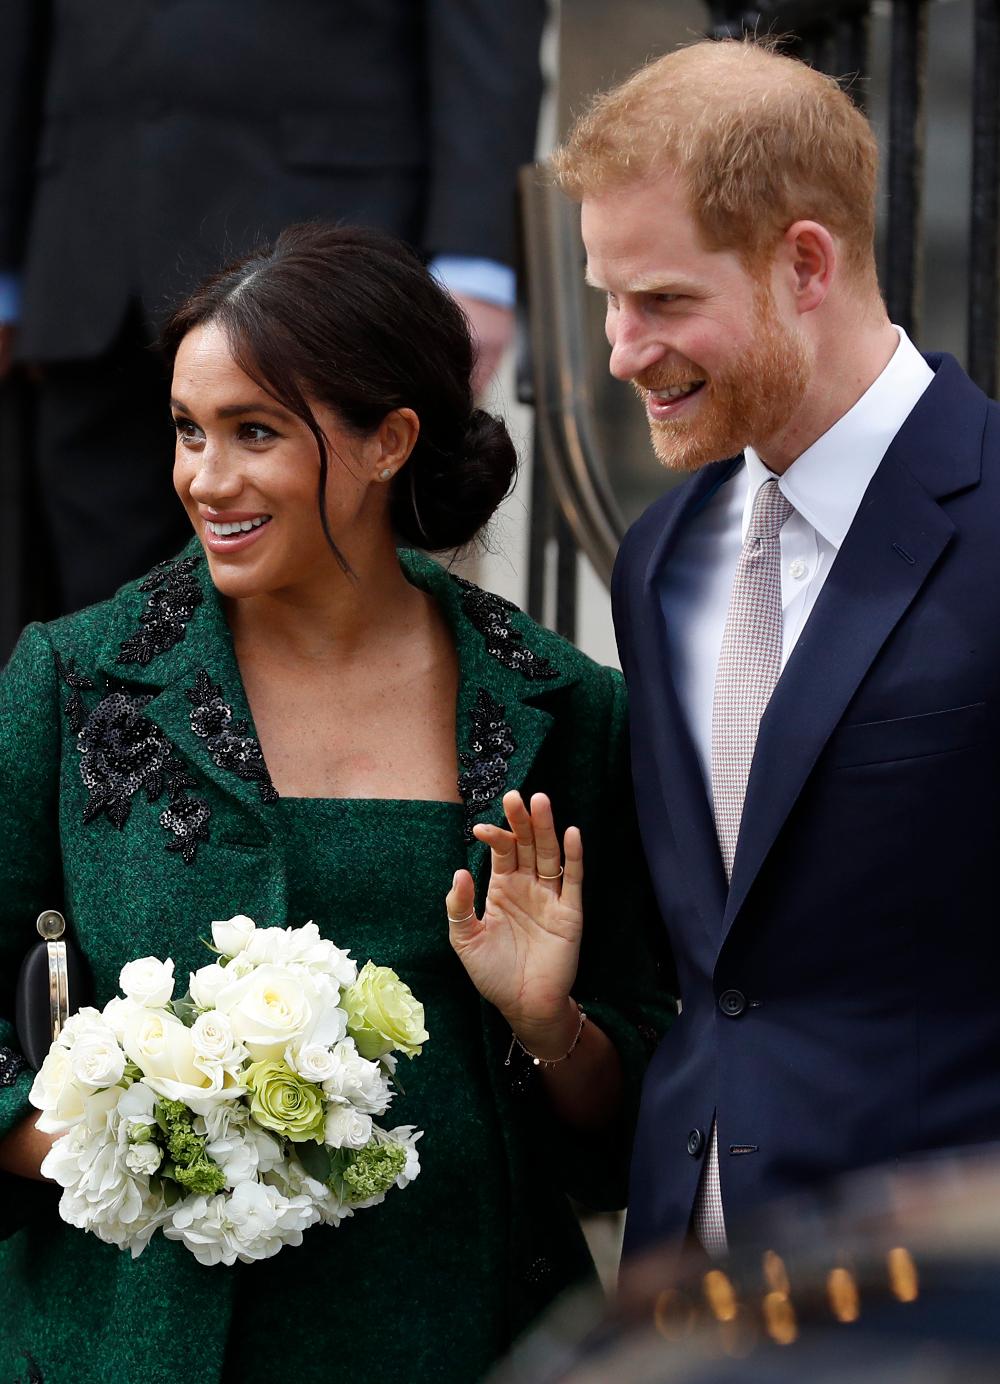 Πρίγκιπας Χάρι και Μέγκαν Μαρκλ χαμογελαστοί χαιρετούν το πλήθος